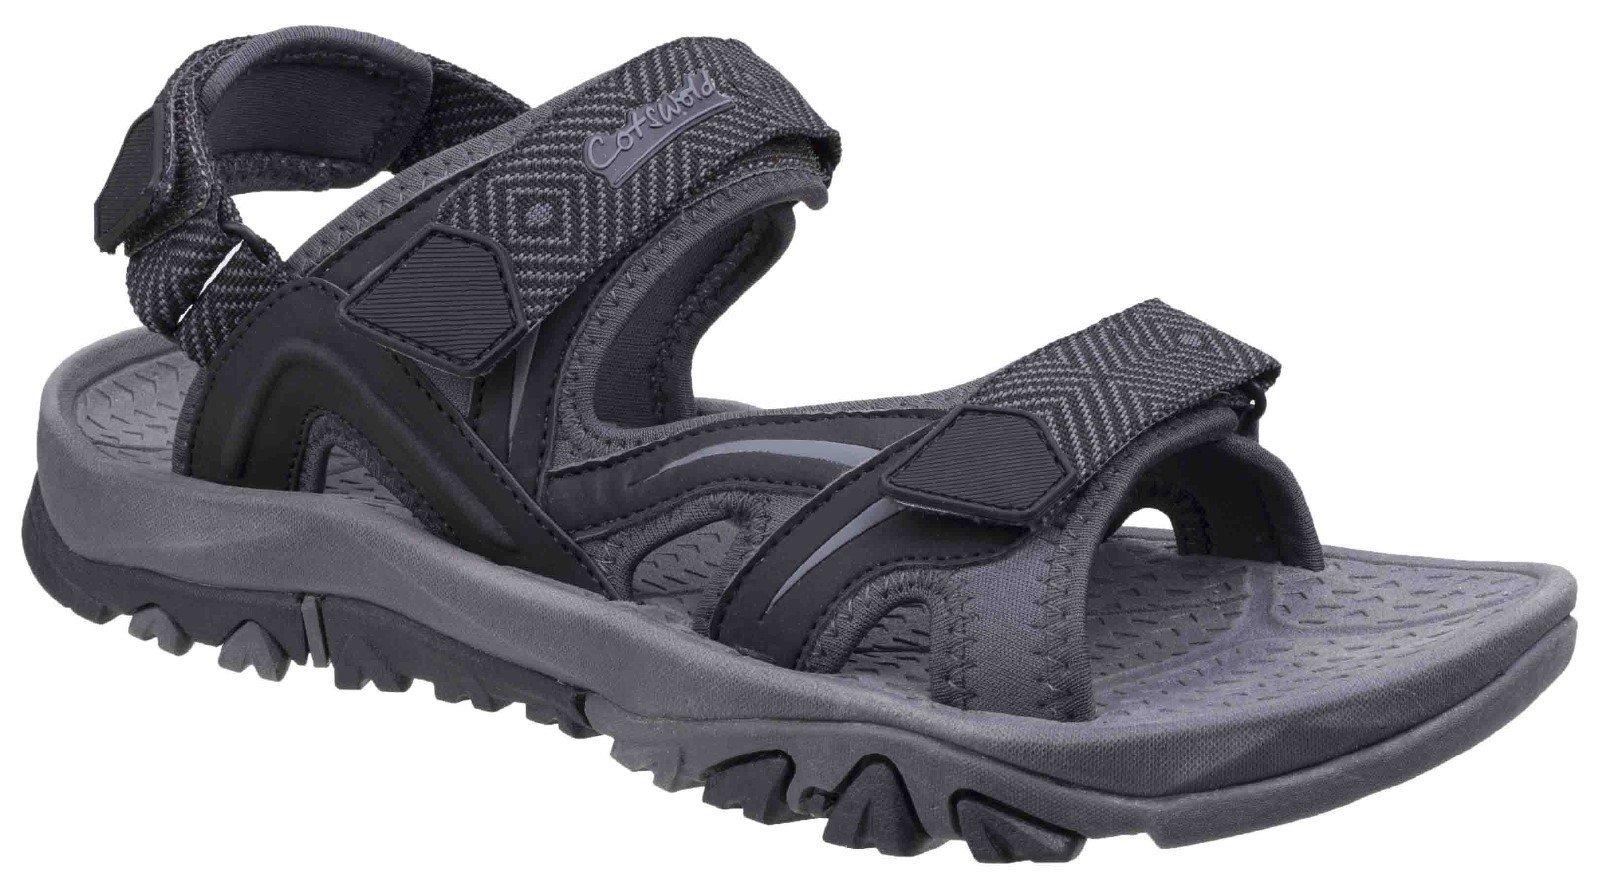 Cotswold Men's Cutsdean Sandal Various Colours 26276 - Black/Grey 7